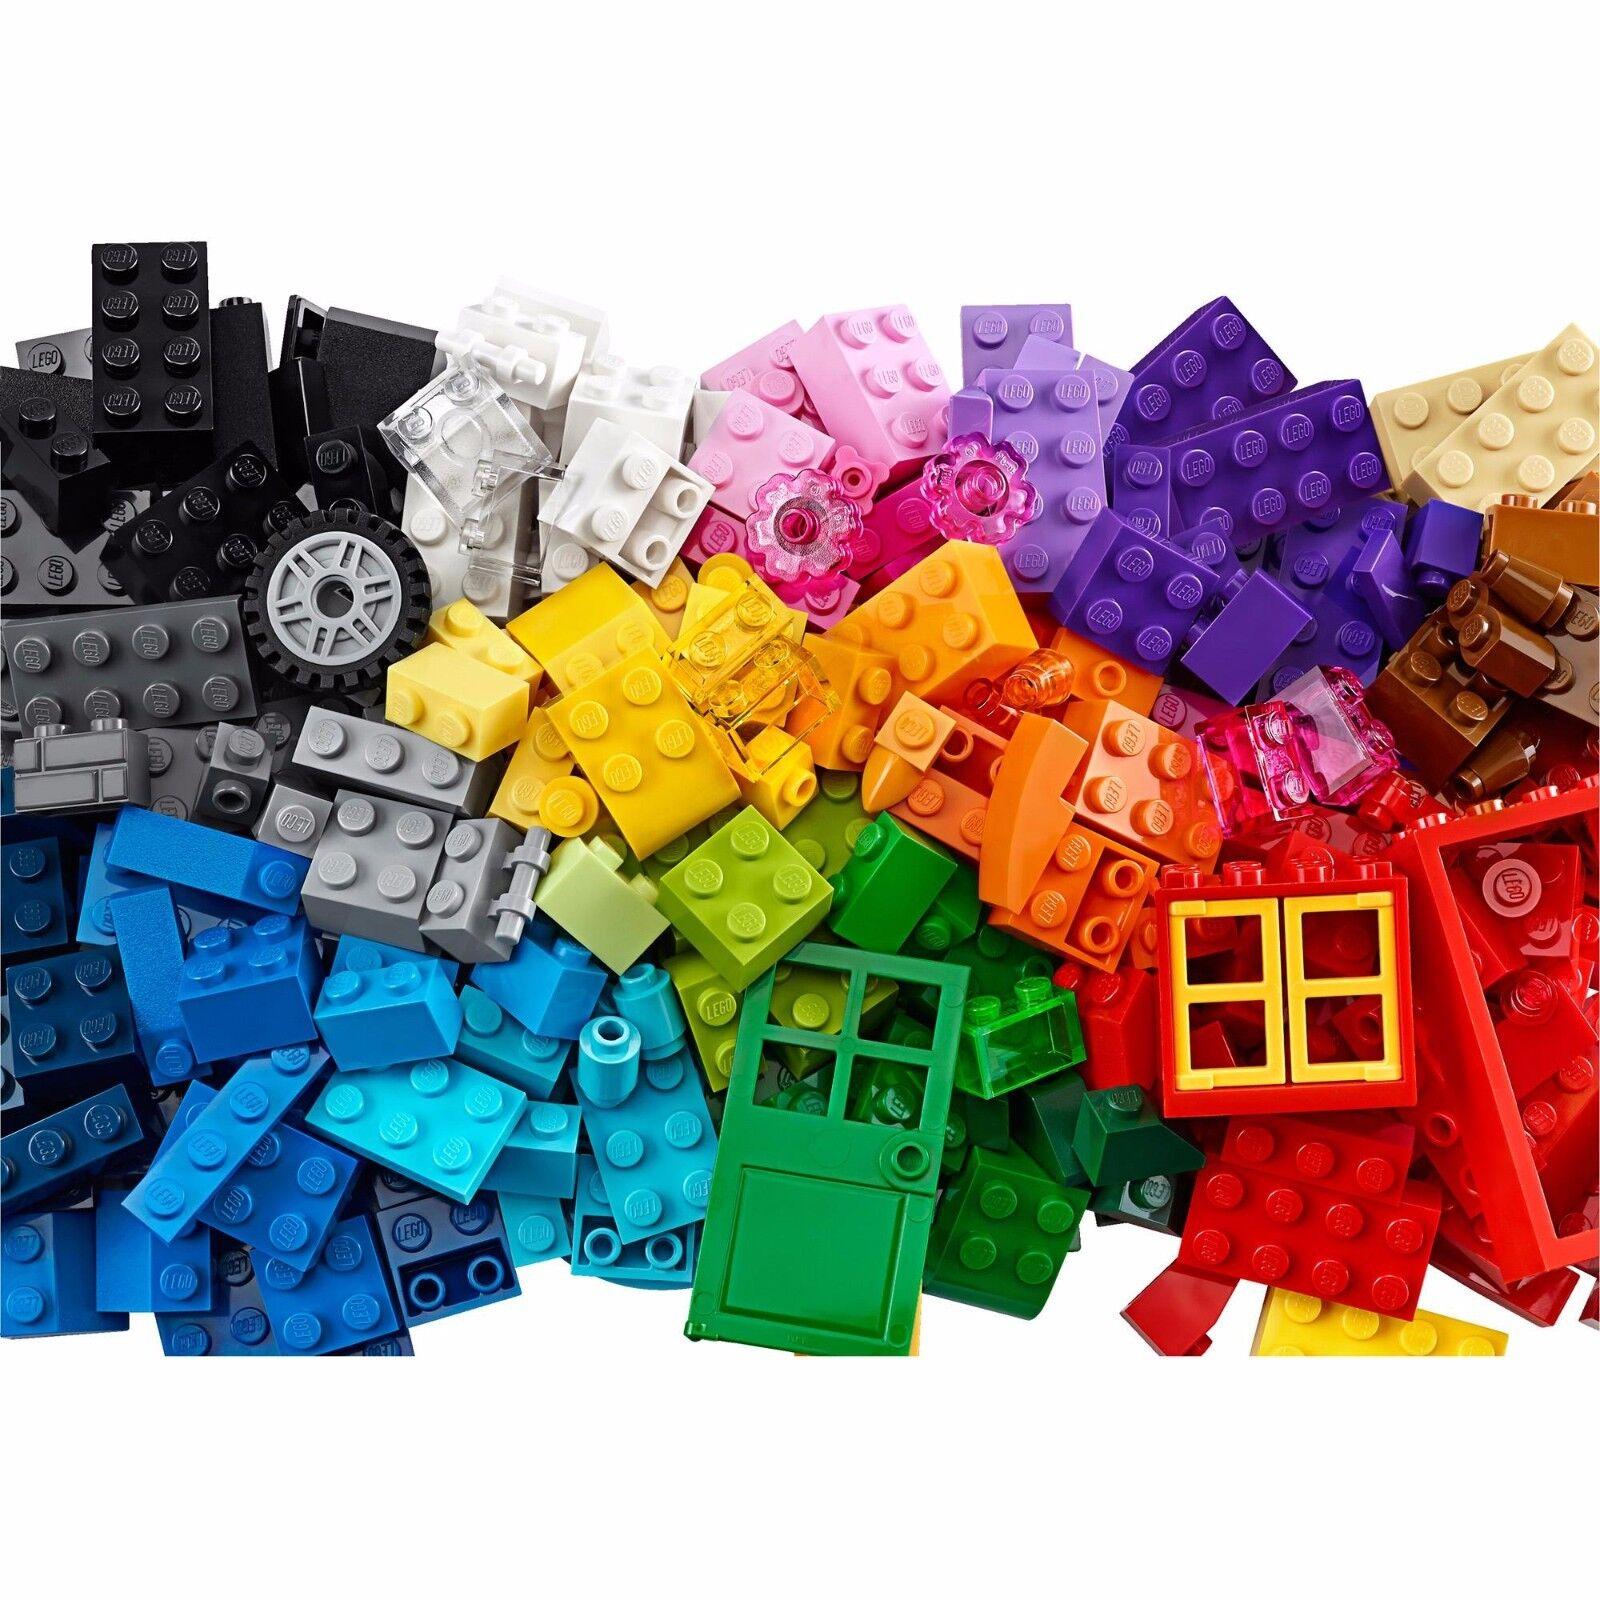 3000 ( ) lego piedras figuras piezas set colección rare nuevo embalaje original Legoland EE. UU.